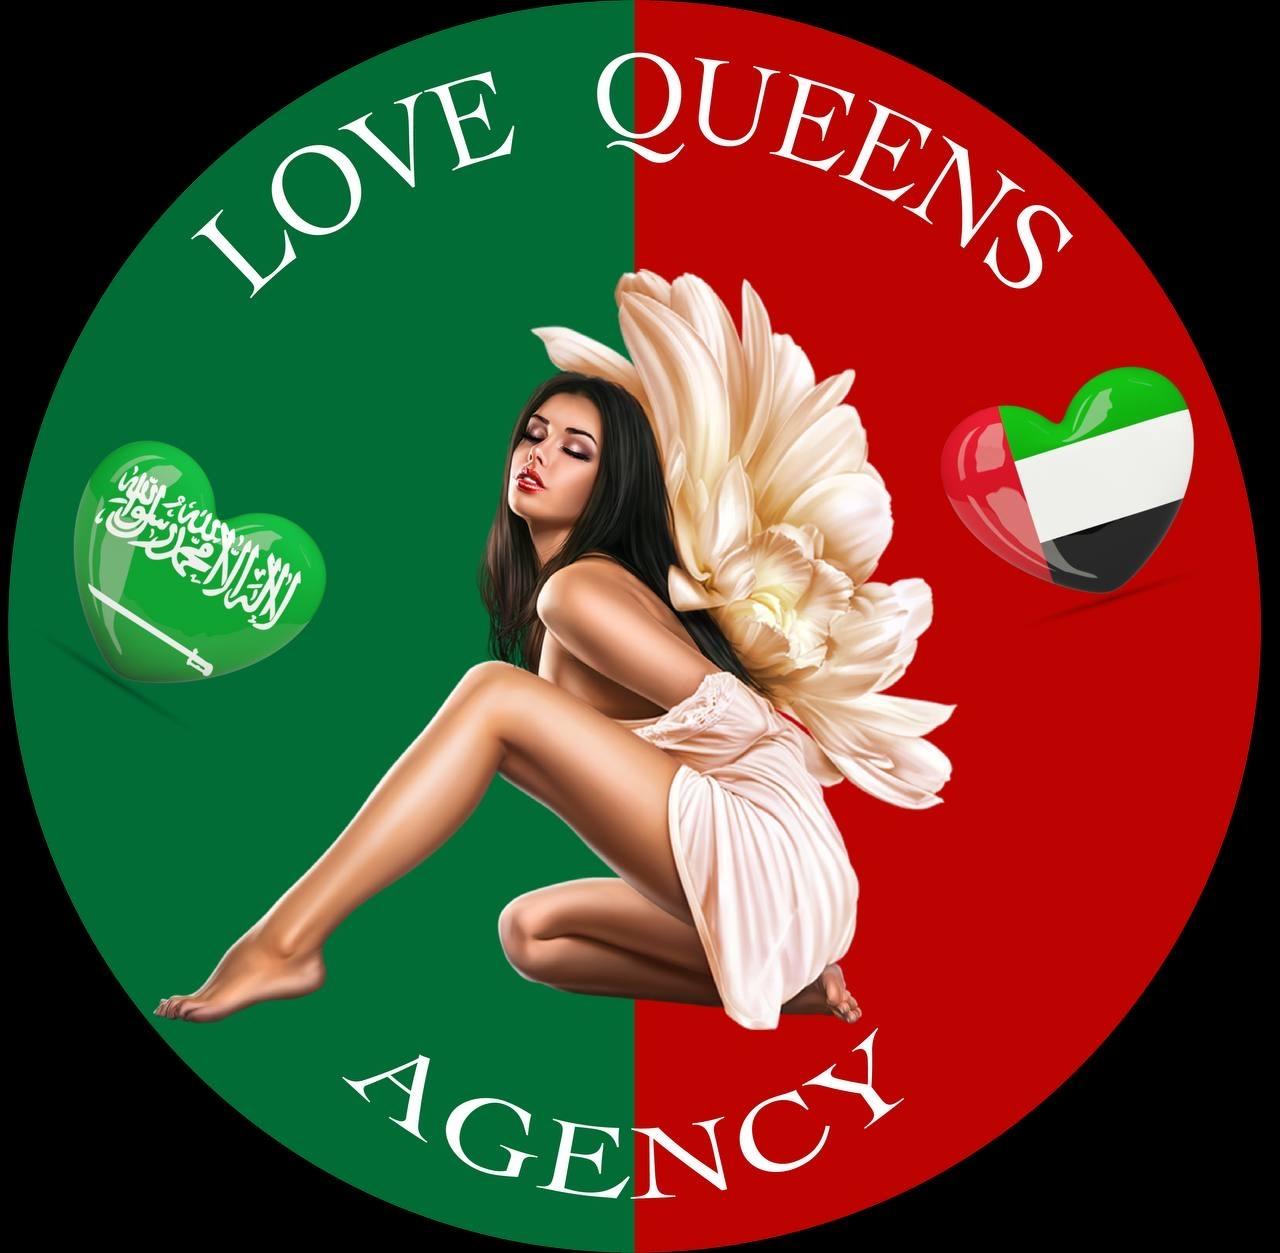 Elite Escort Agency Love Queens